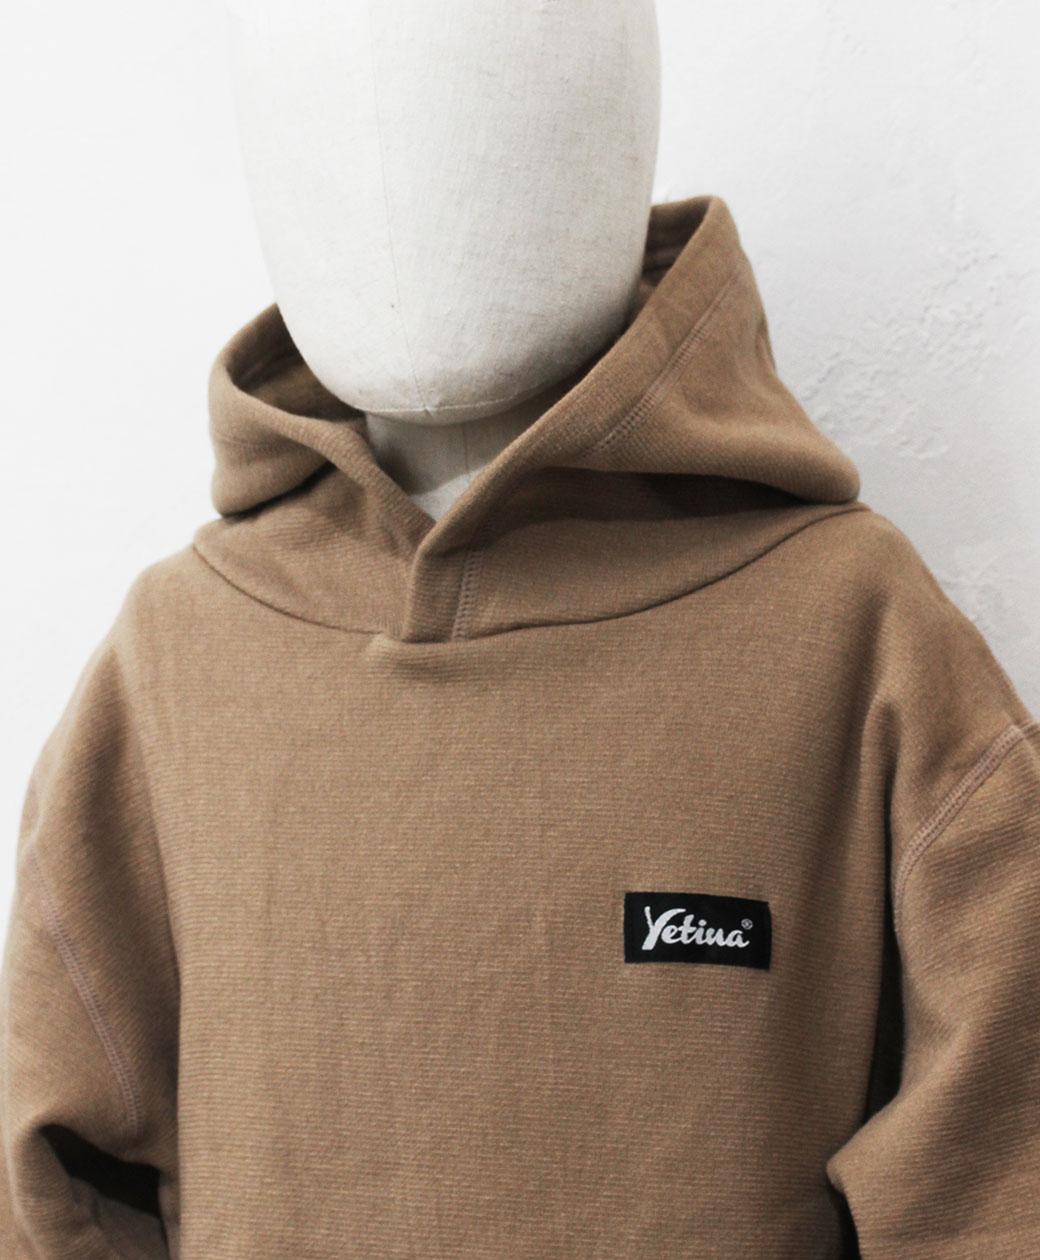 yetina kids pullover hoodie(wood khaki)